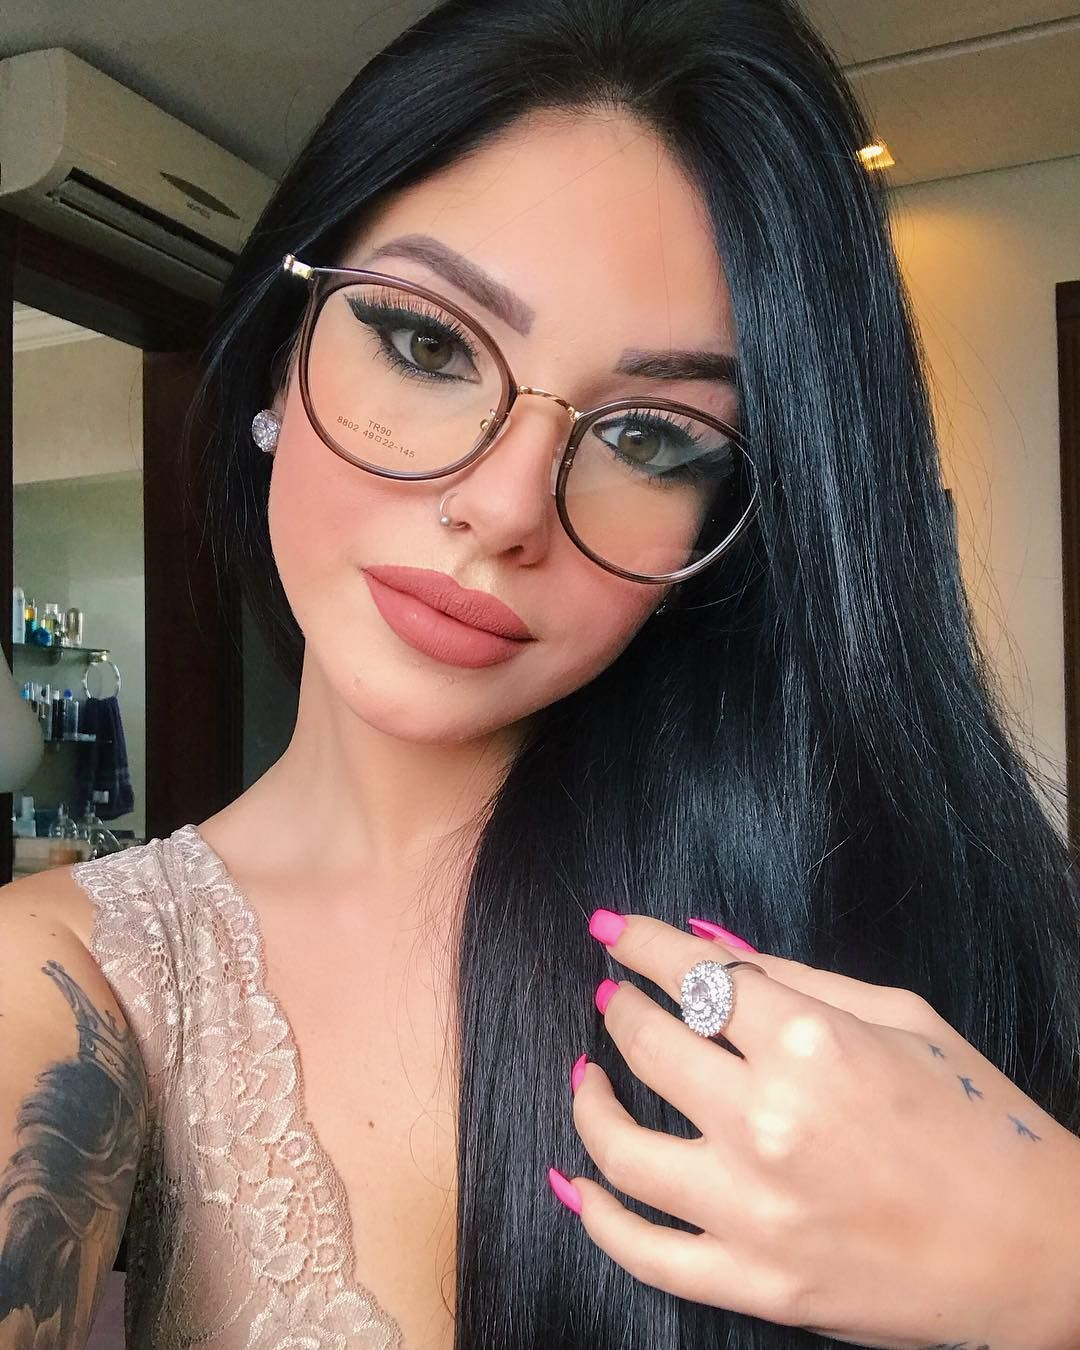 E Tao Lindo Pessoas Que Usam Oculos Tatuajes Em 2019 Meninas